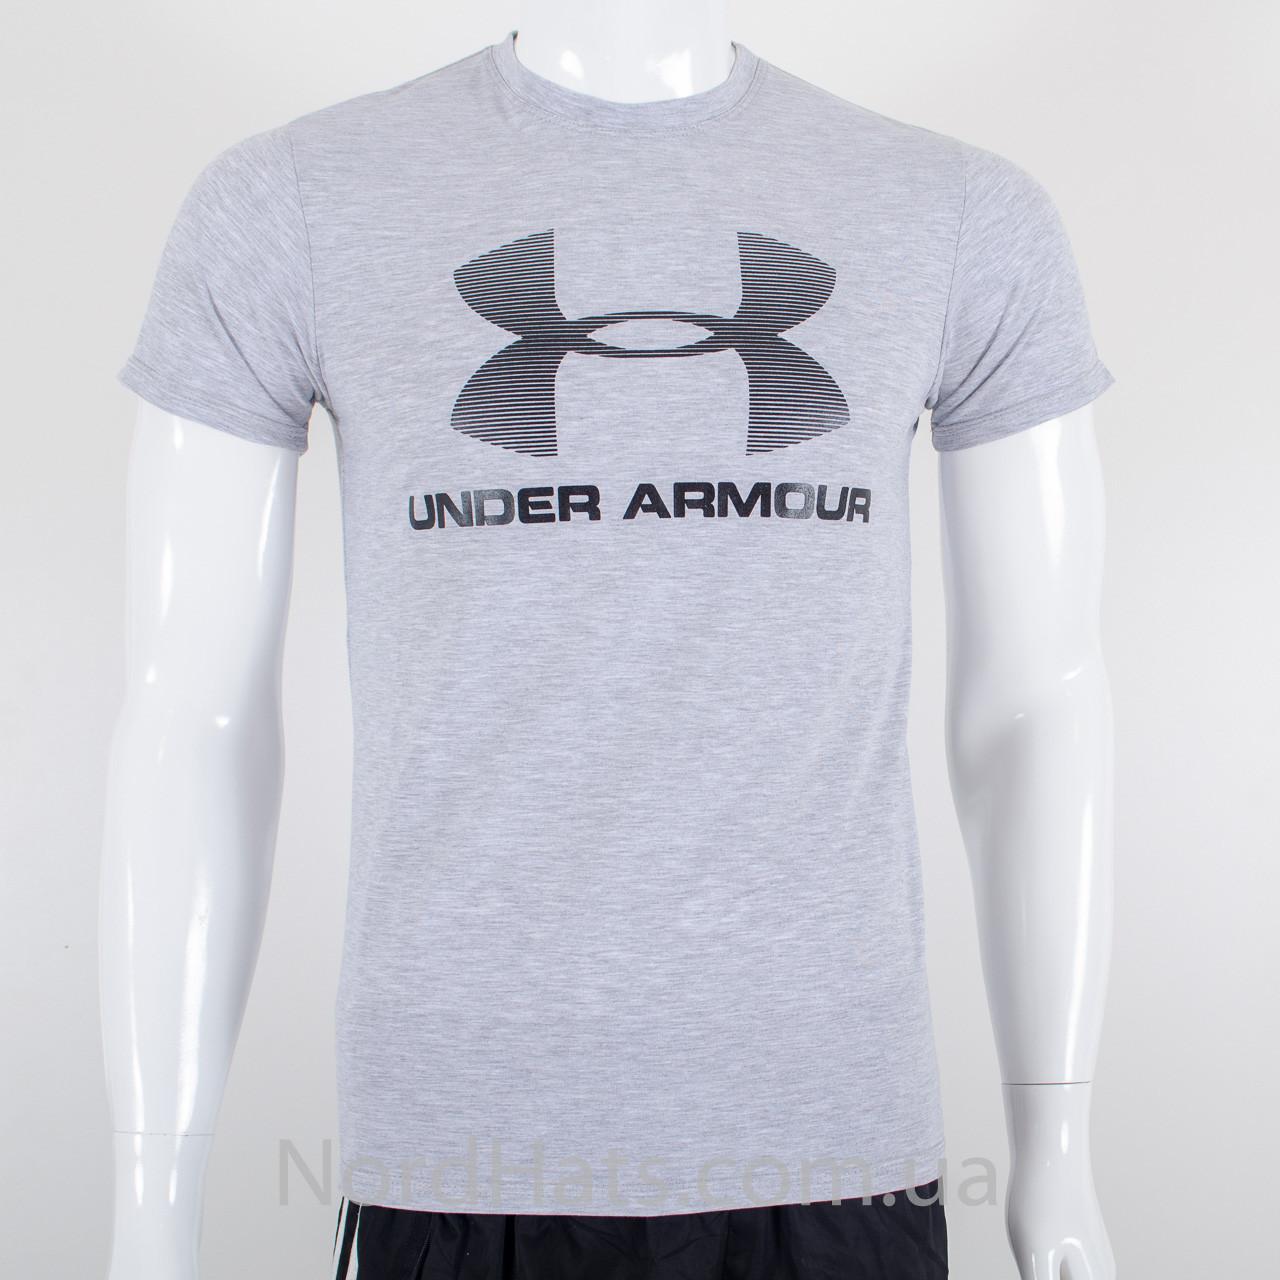 Футболка с логотипом, Under Armour (Меланж)